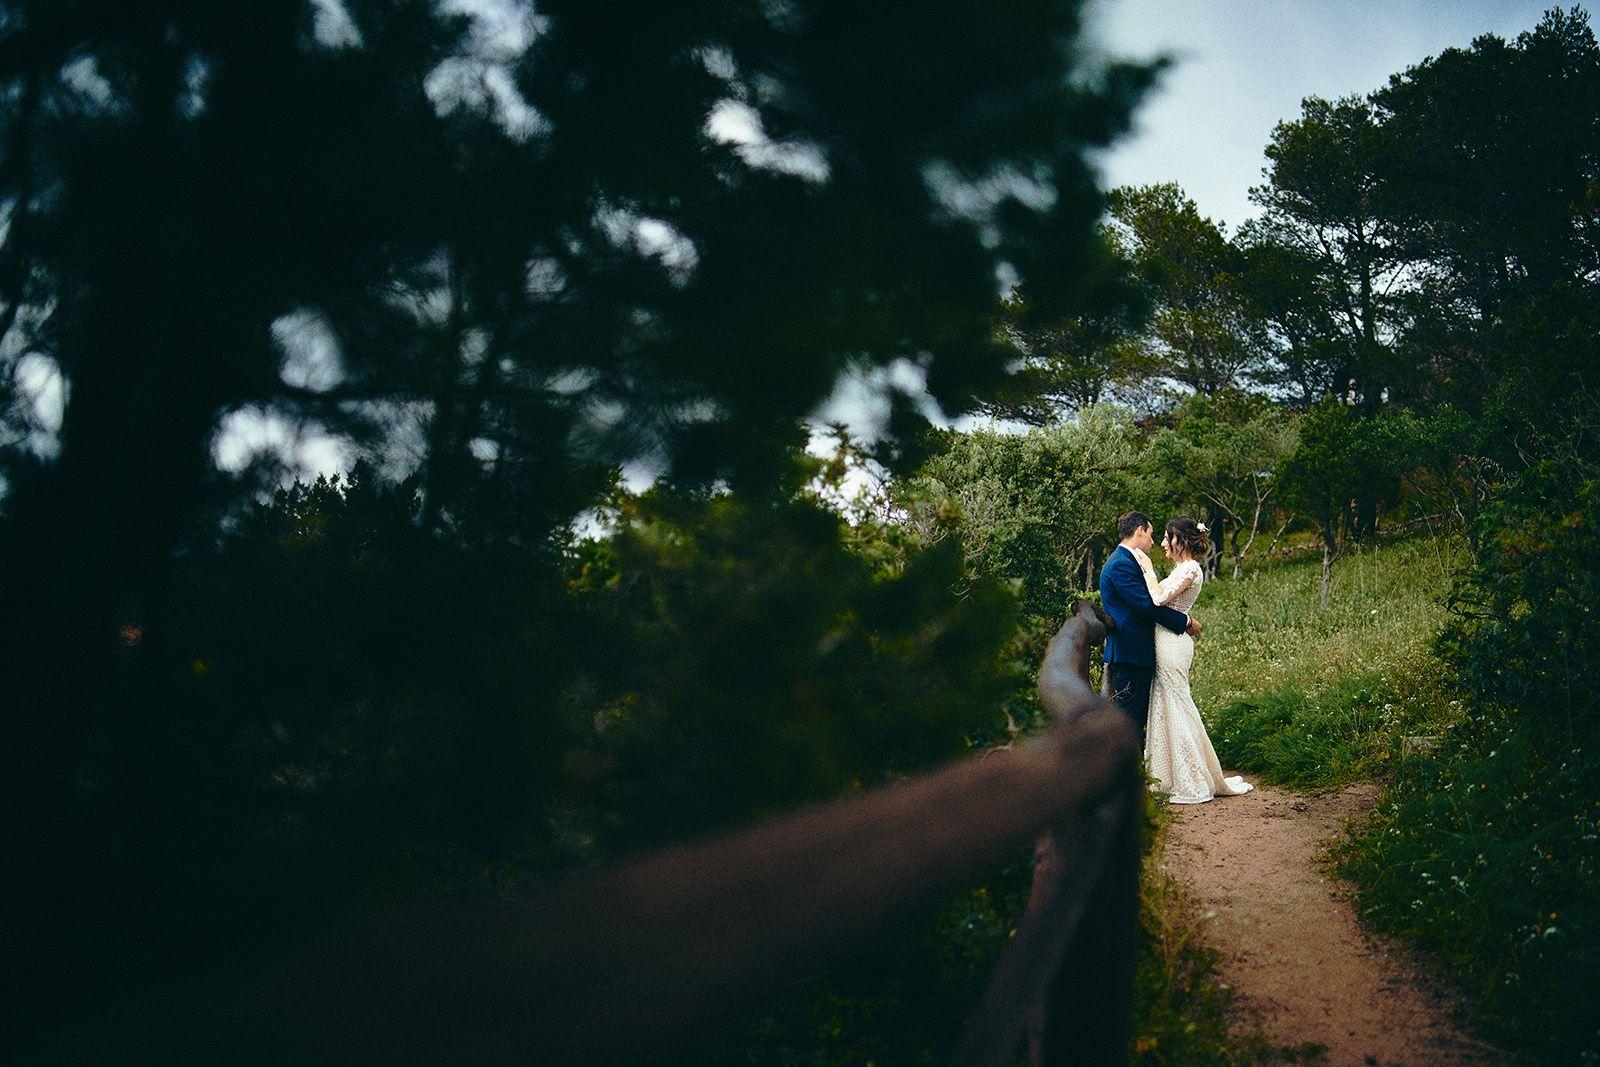 sardina wedding photography